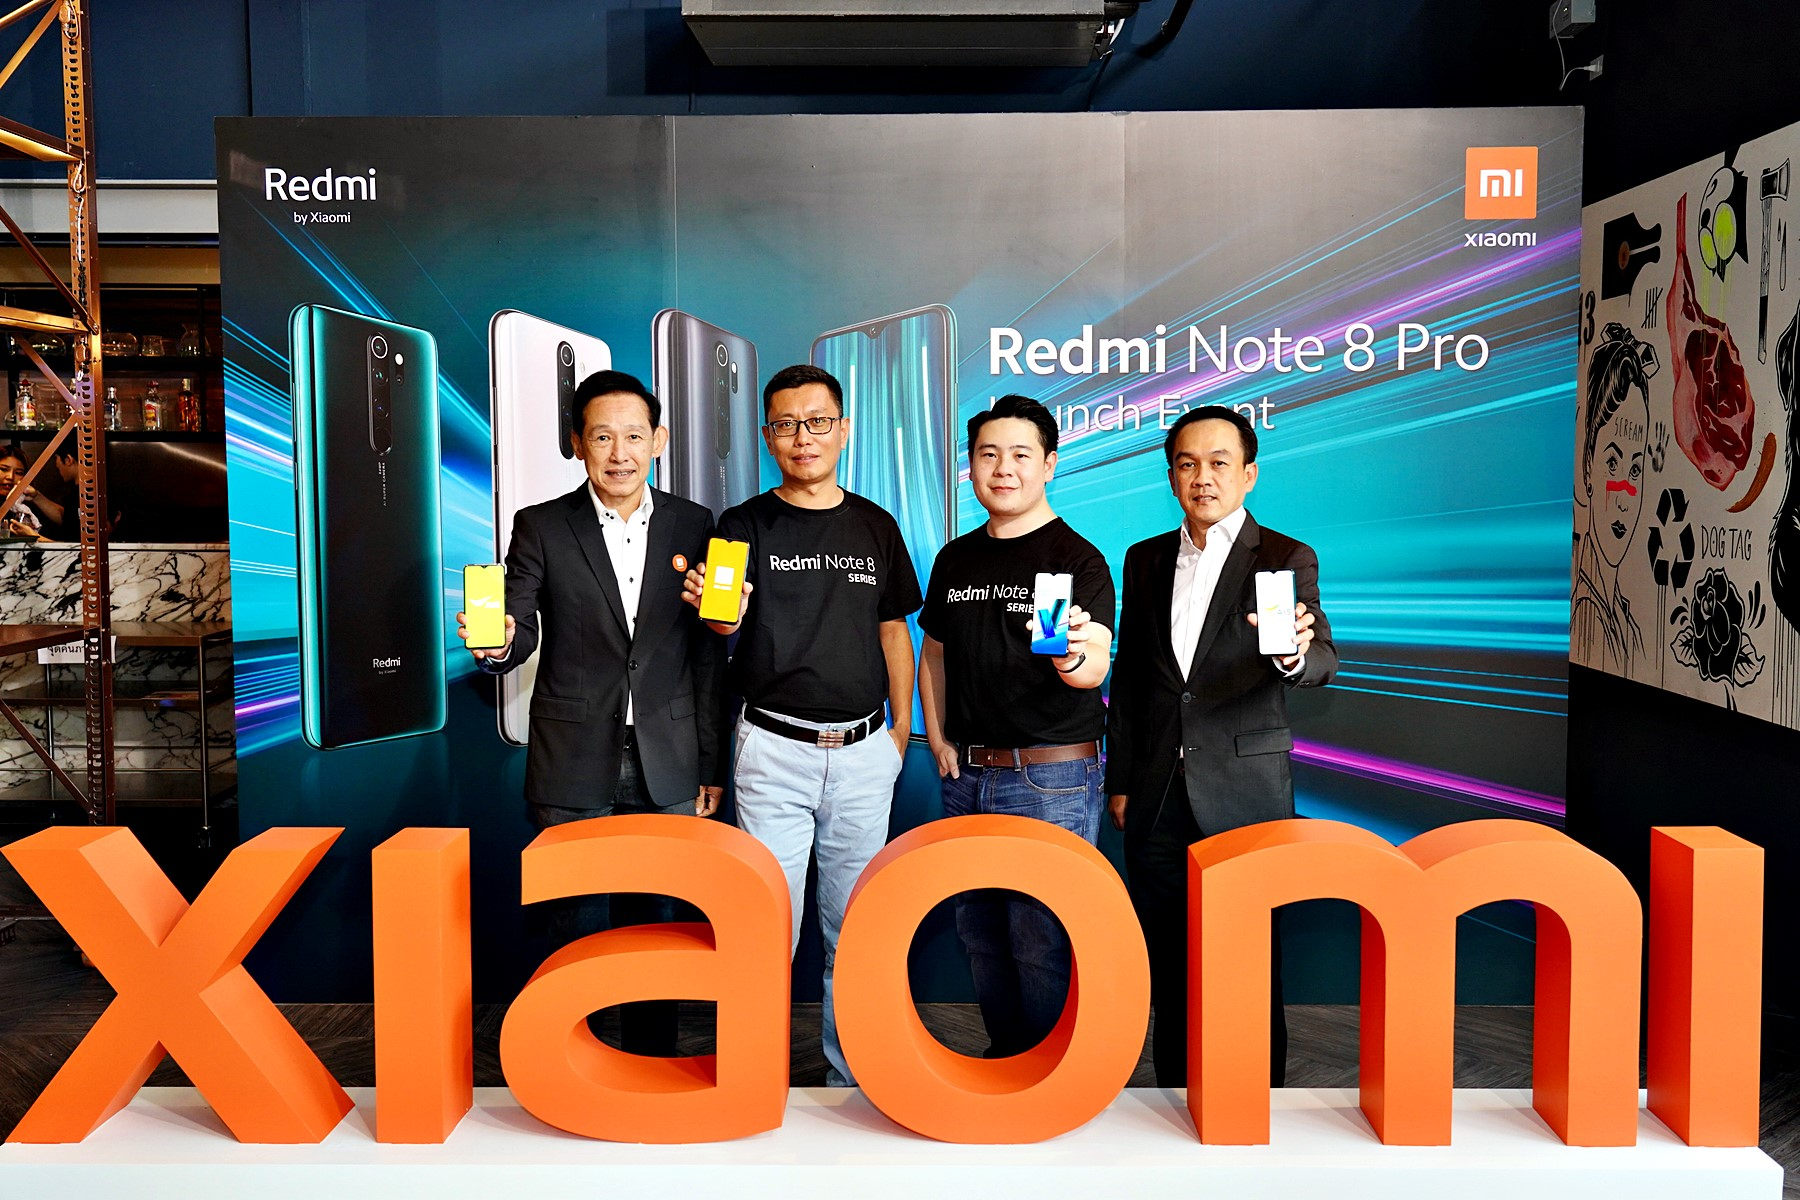 เสียวหมี่ เปิดตัว Redmi Note 8 Series ยืนหนึ่งผู้นำตลาดสมาร์ทโฟนระดับกลาง